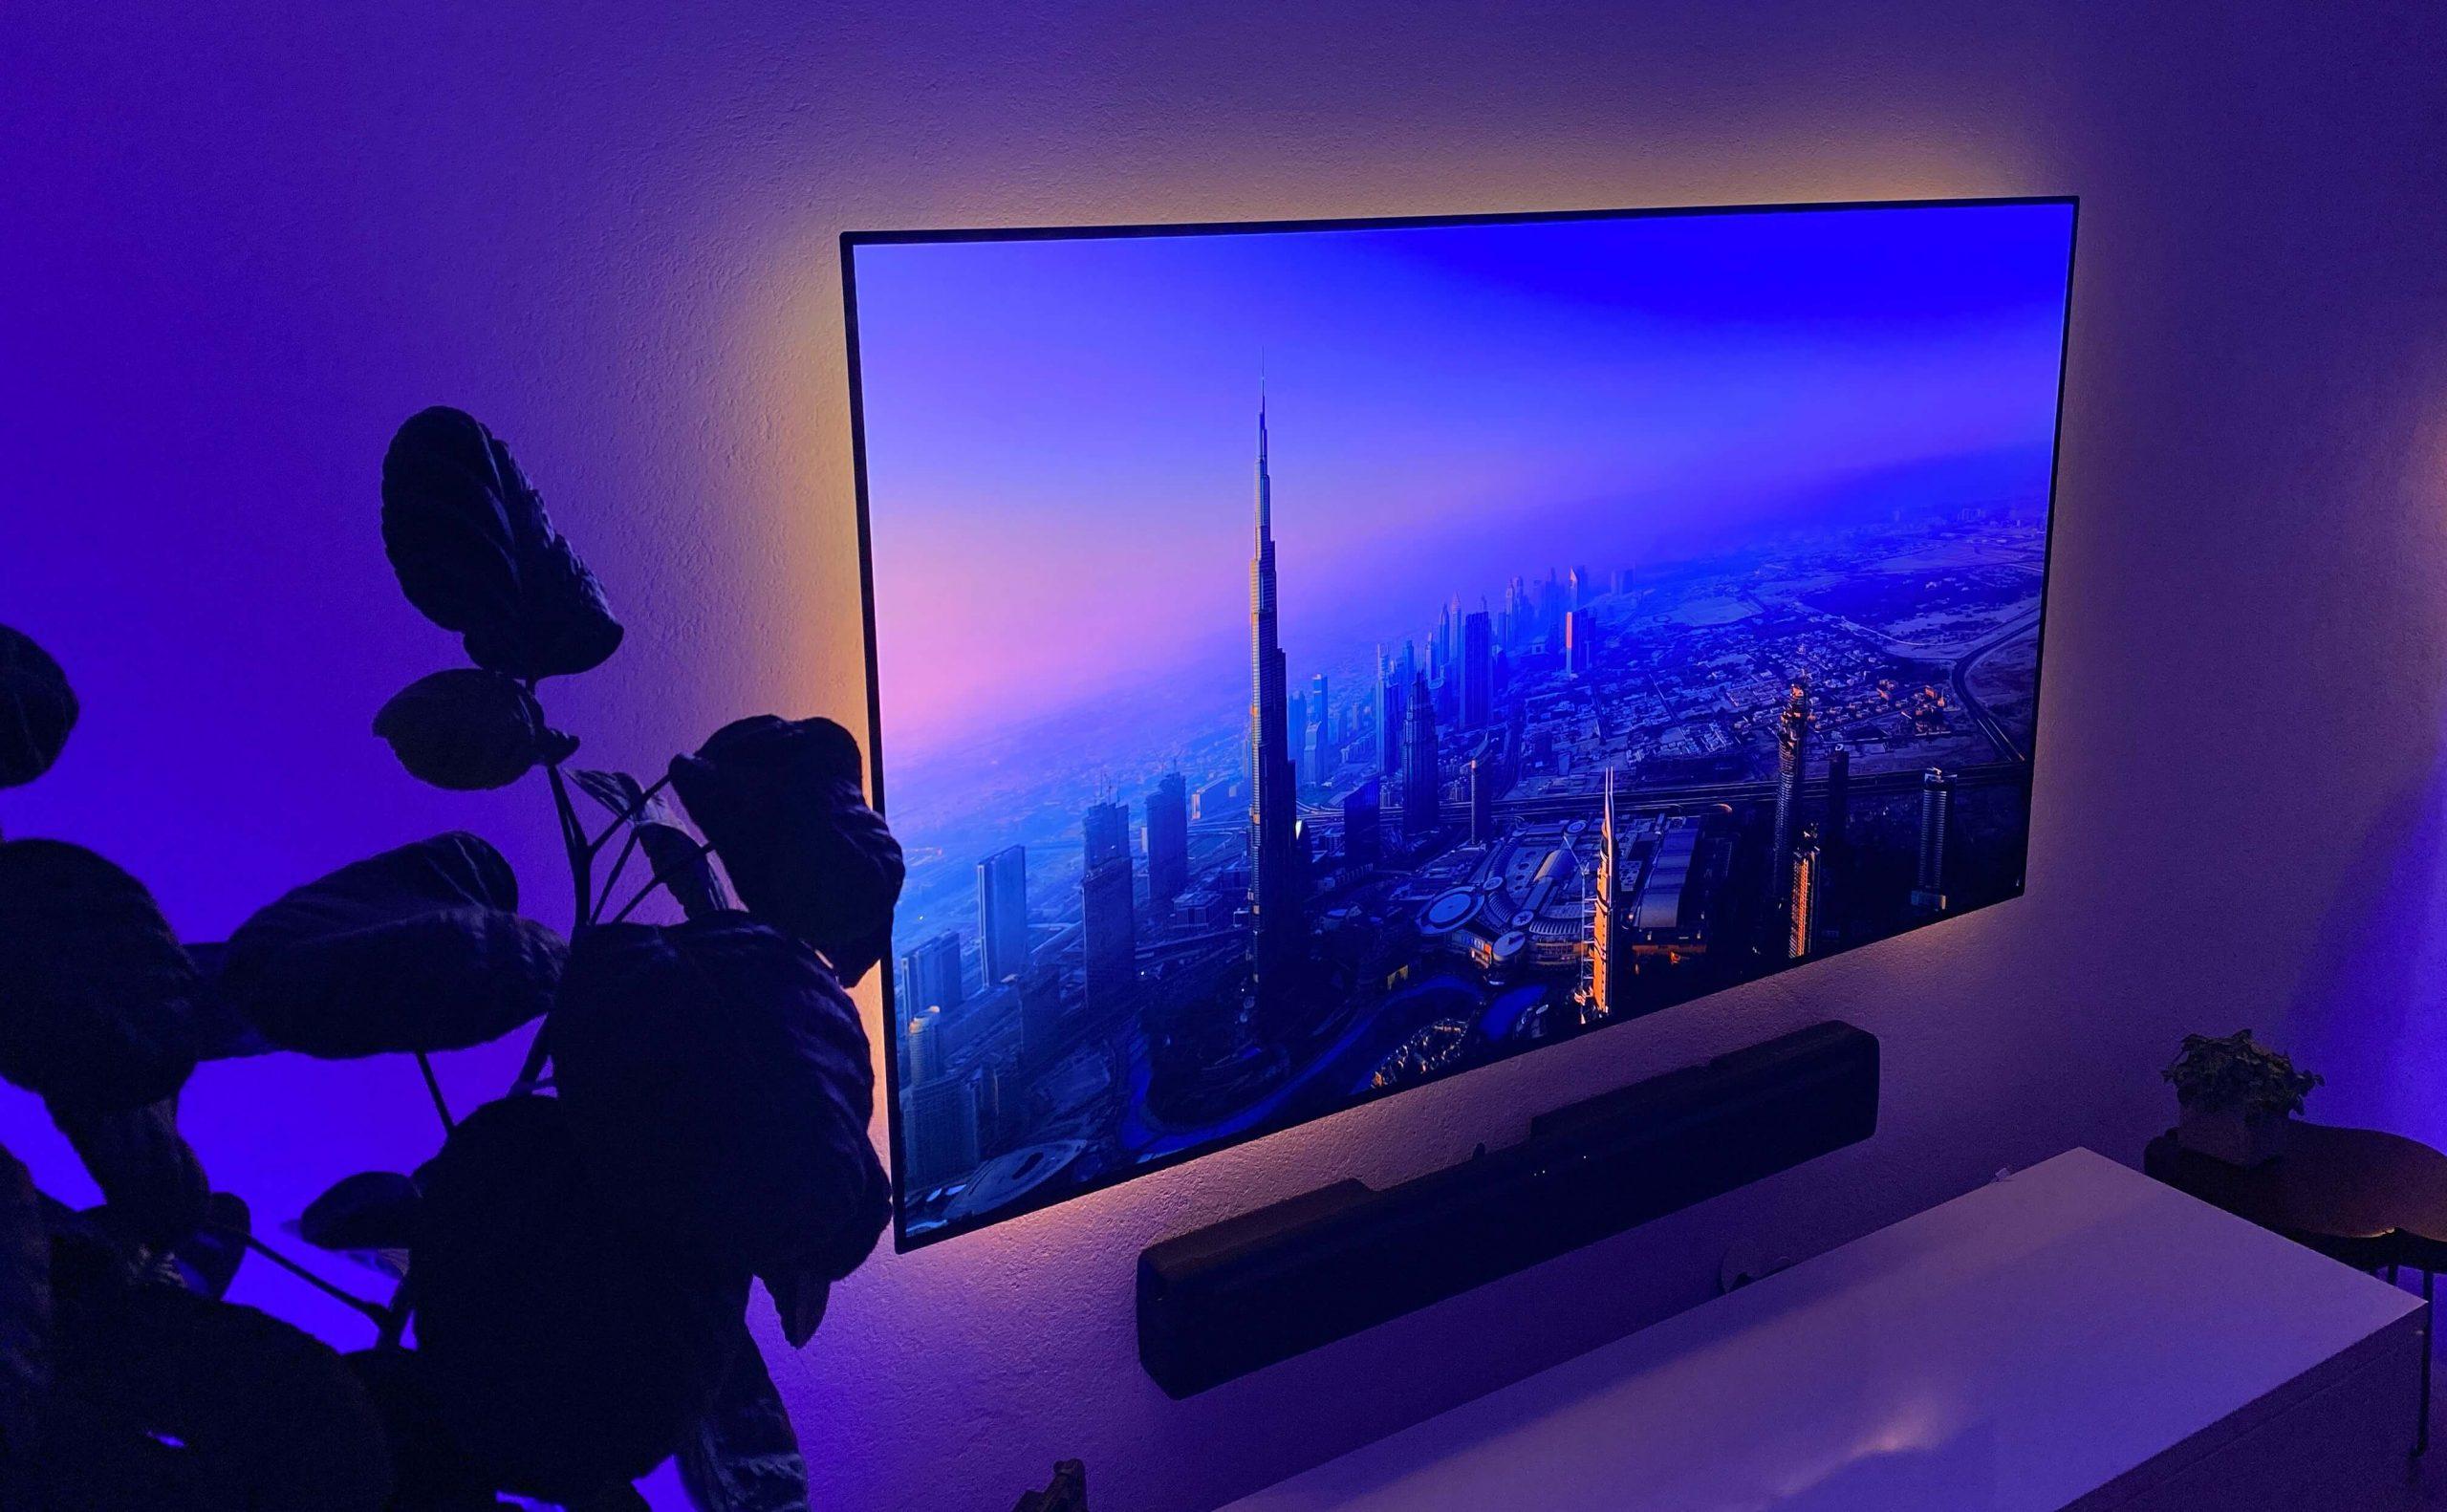 Eve-Light-Strip-von-Eve-dem-TV-eine-Ambientbeleuchtung-nachrüsten5-scaled Eve Light Strip von Eve - dem TV eine Ambientebeleuchtung nachrüsten